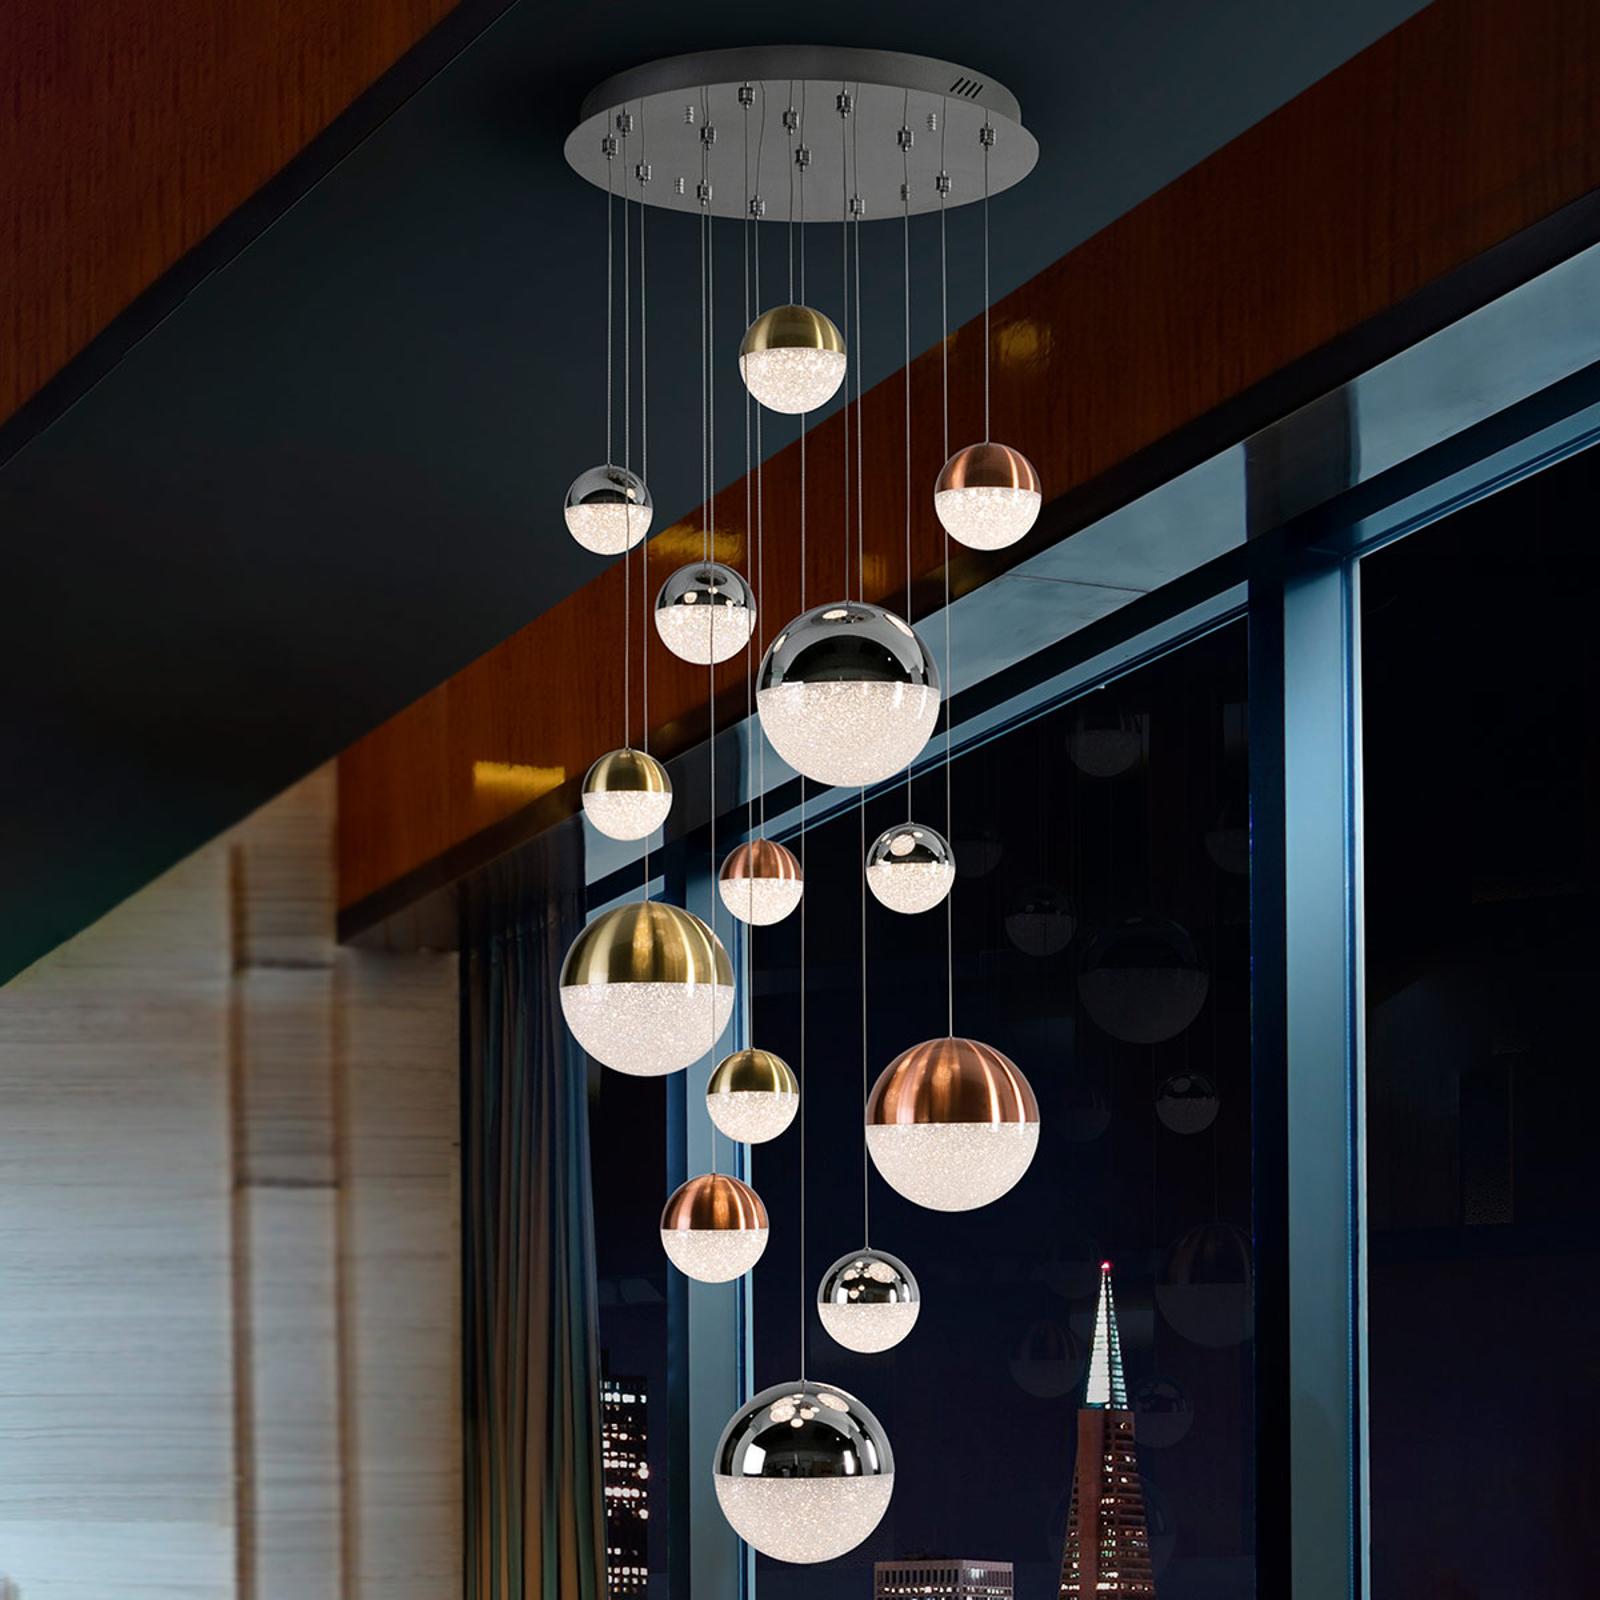 LED-Hängeleuchte Sphere multicolour 14fl, App